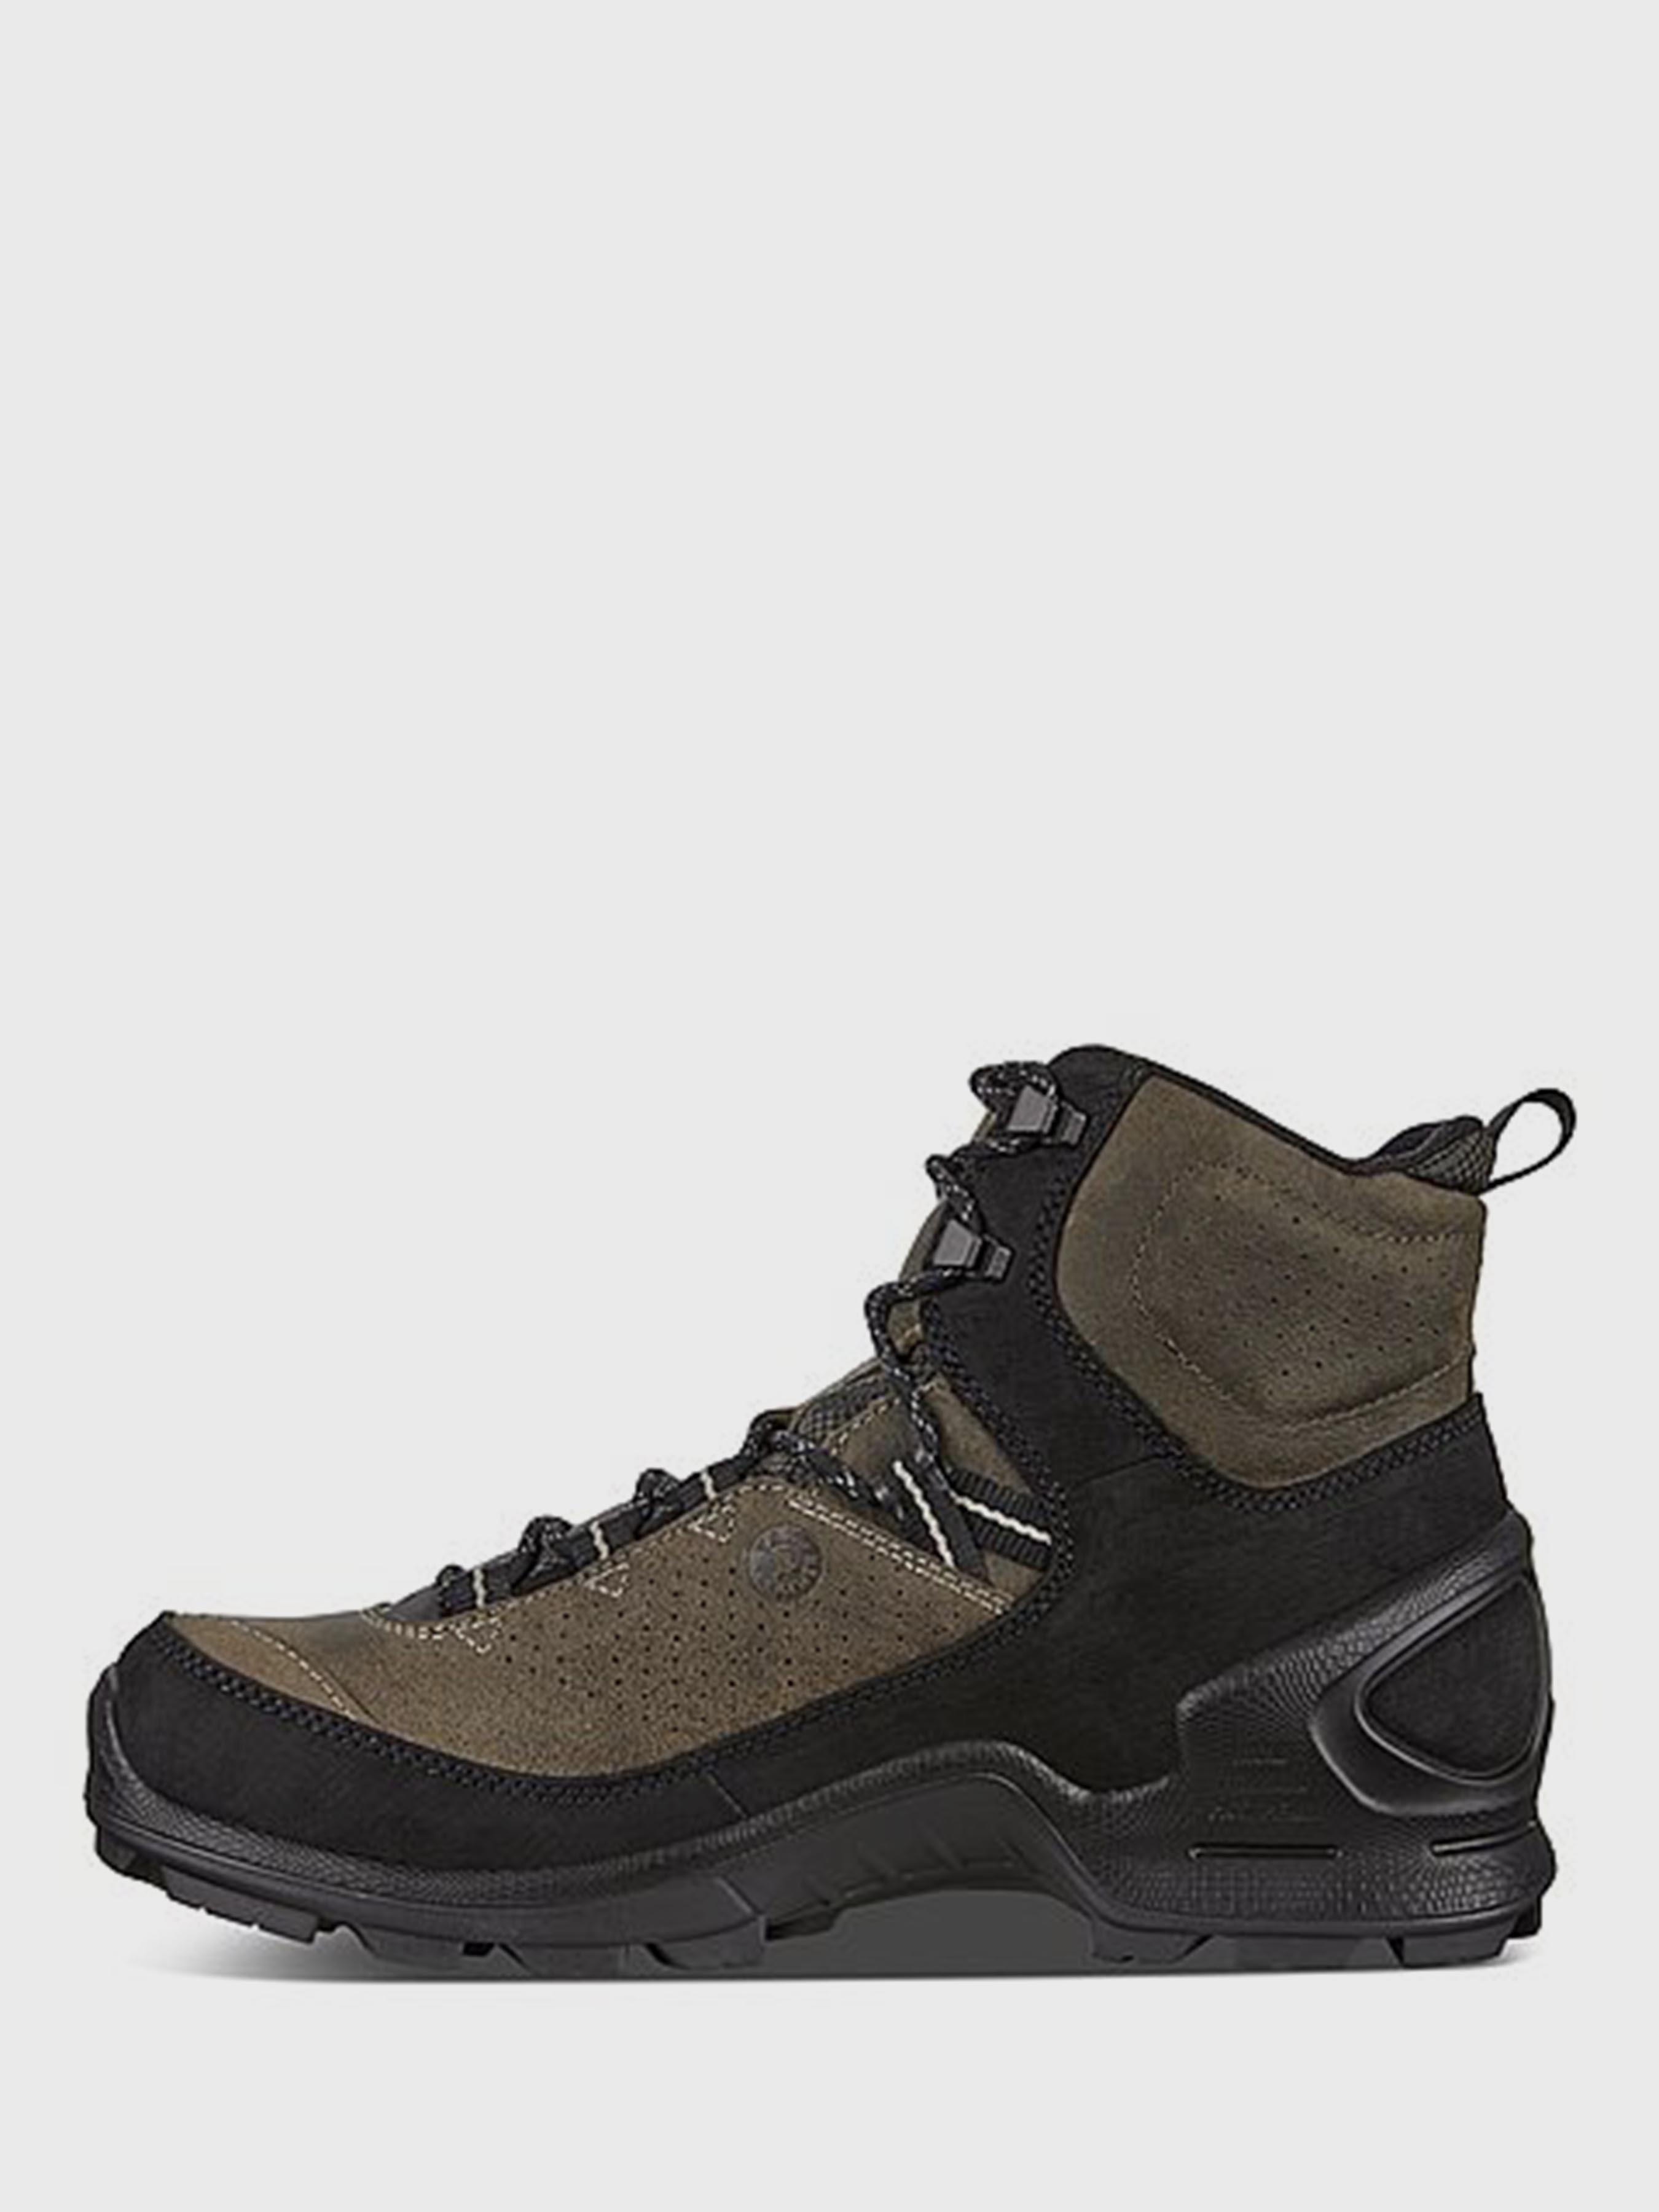 Ботинки мужские ECCO ZM4271 купить онлайн, 2017